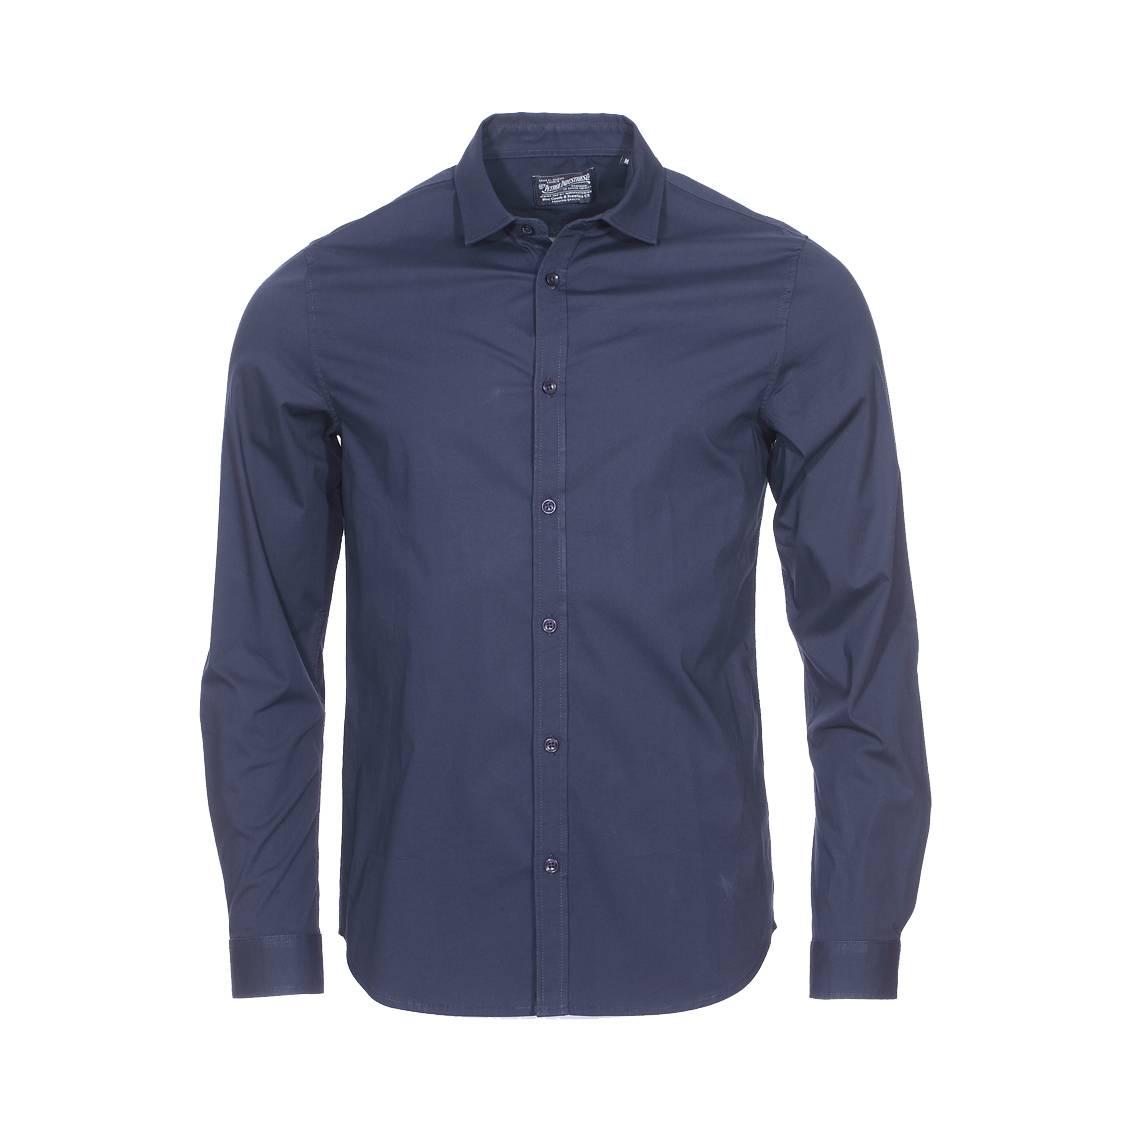 Chemise ajustée  en coton stretch bleu marine